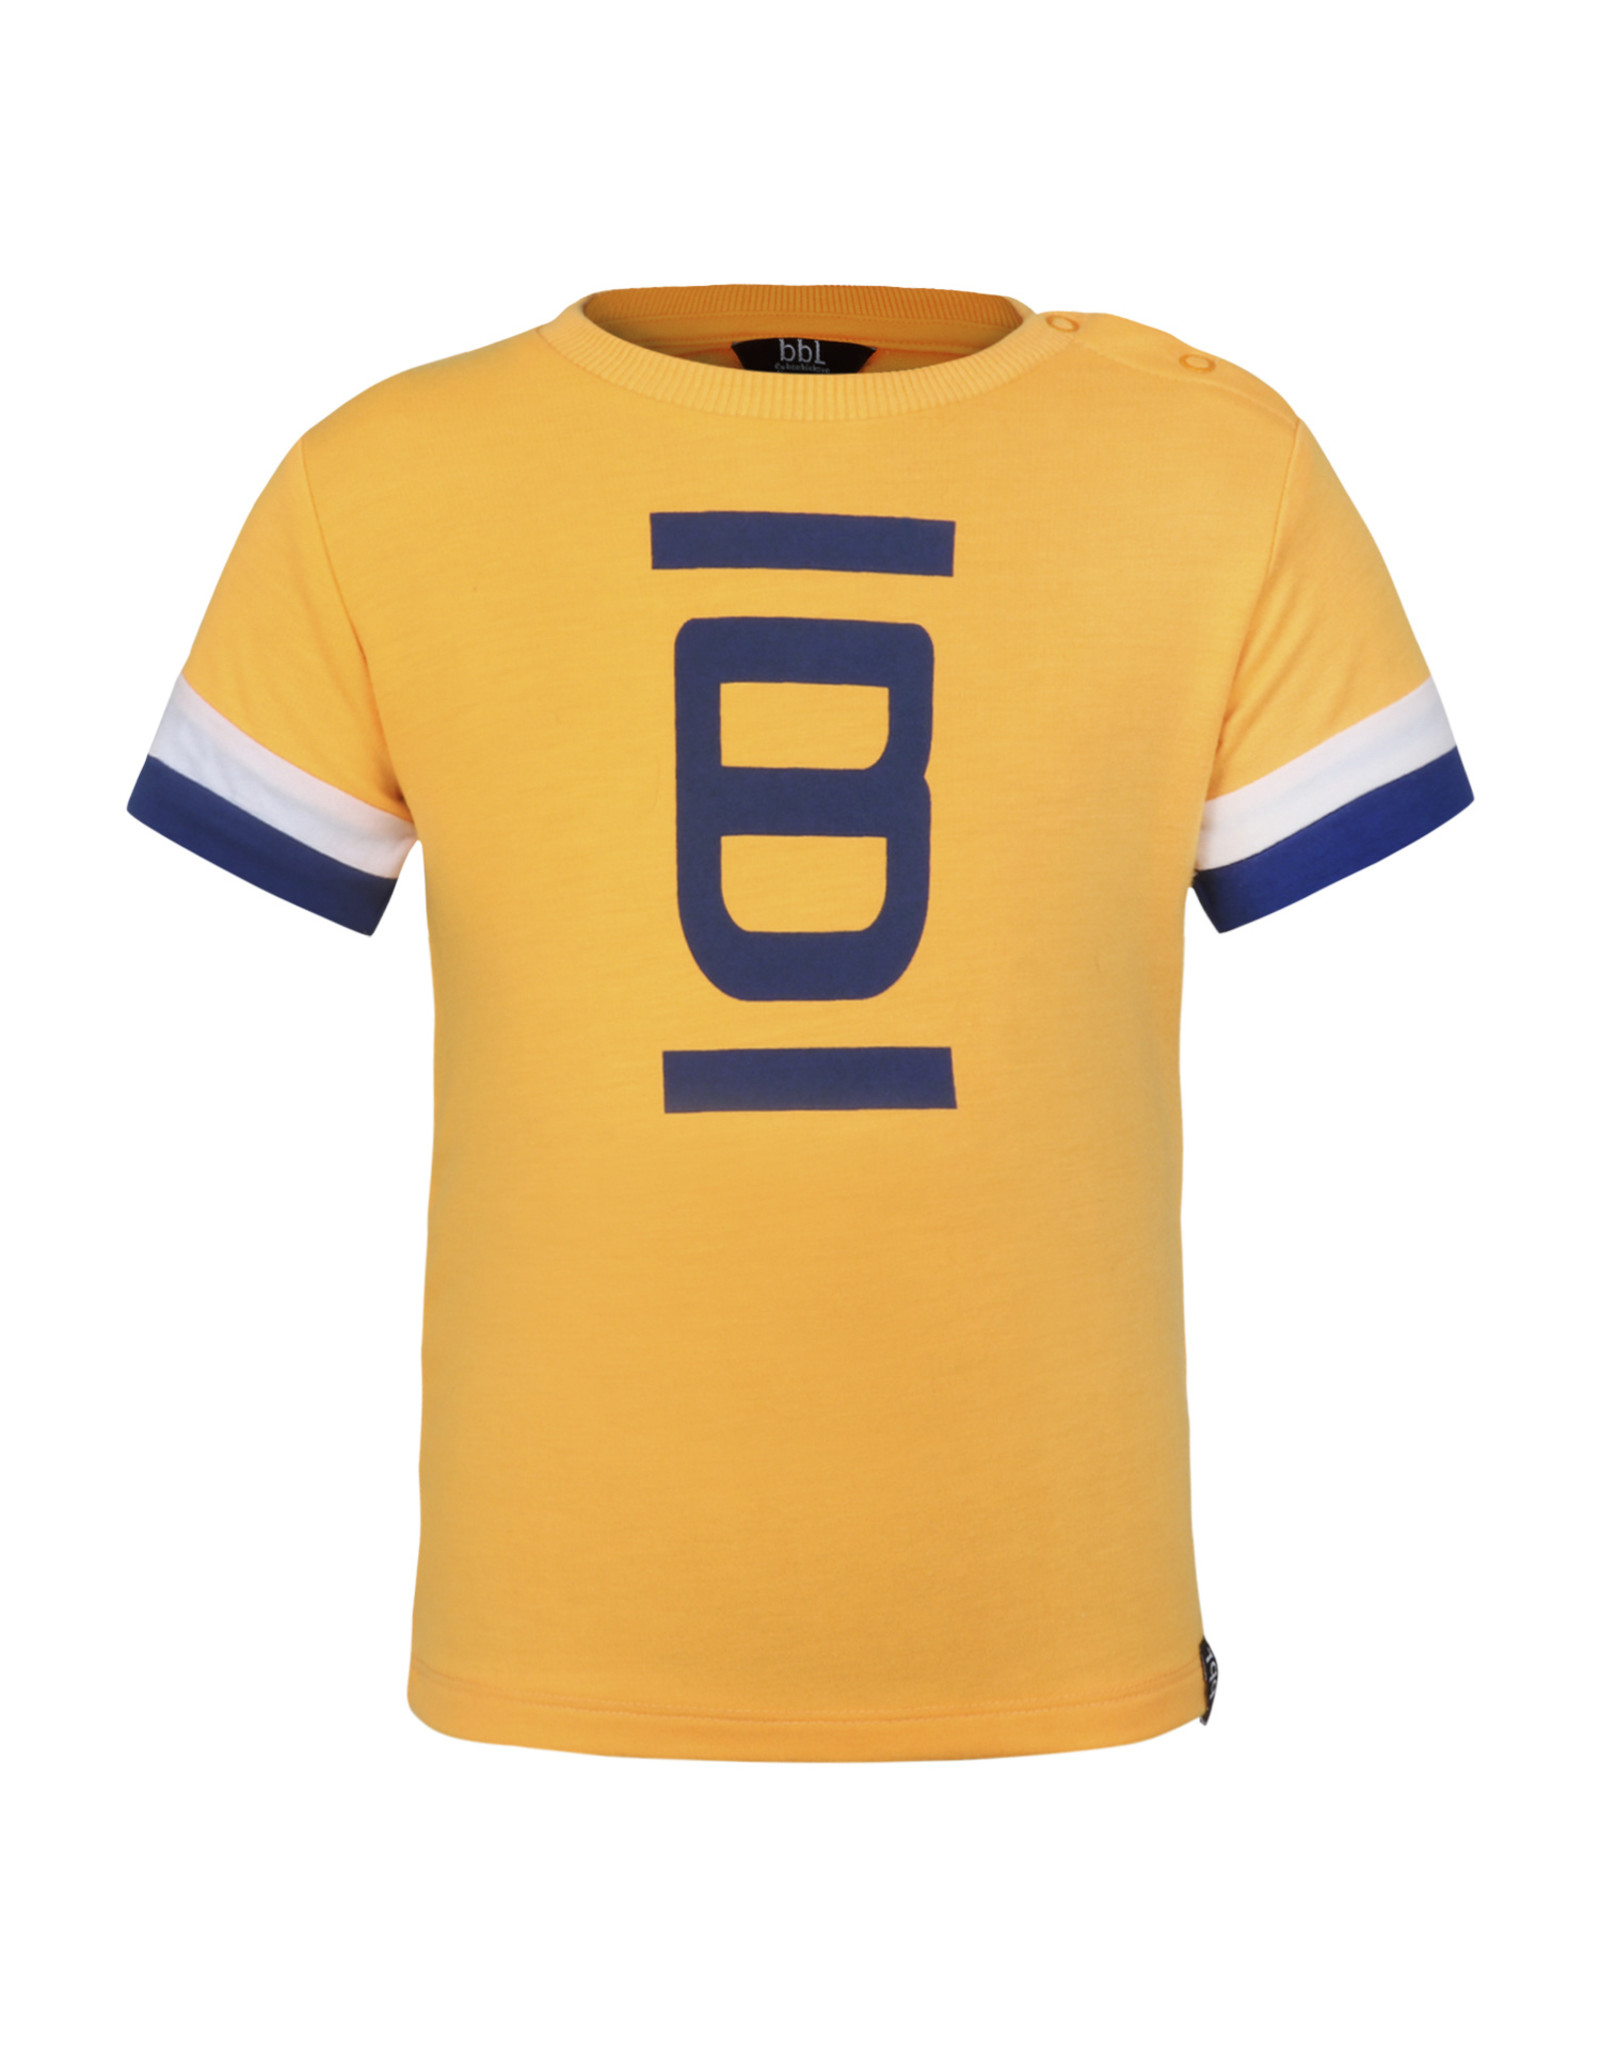 Beebielove T-shirt, ORG, 15-2604